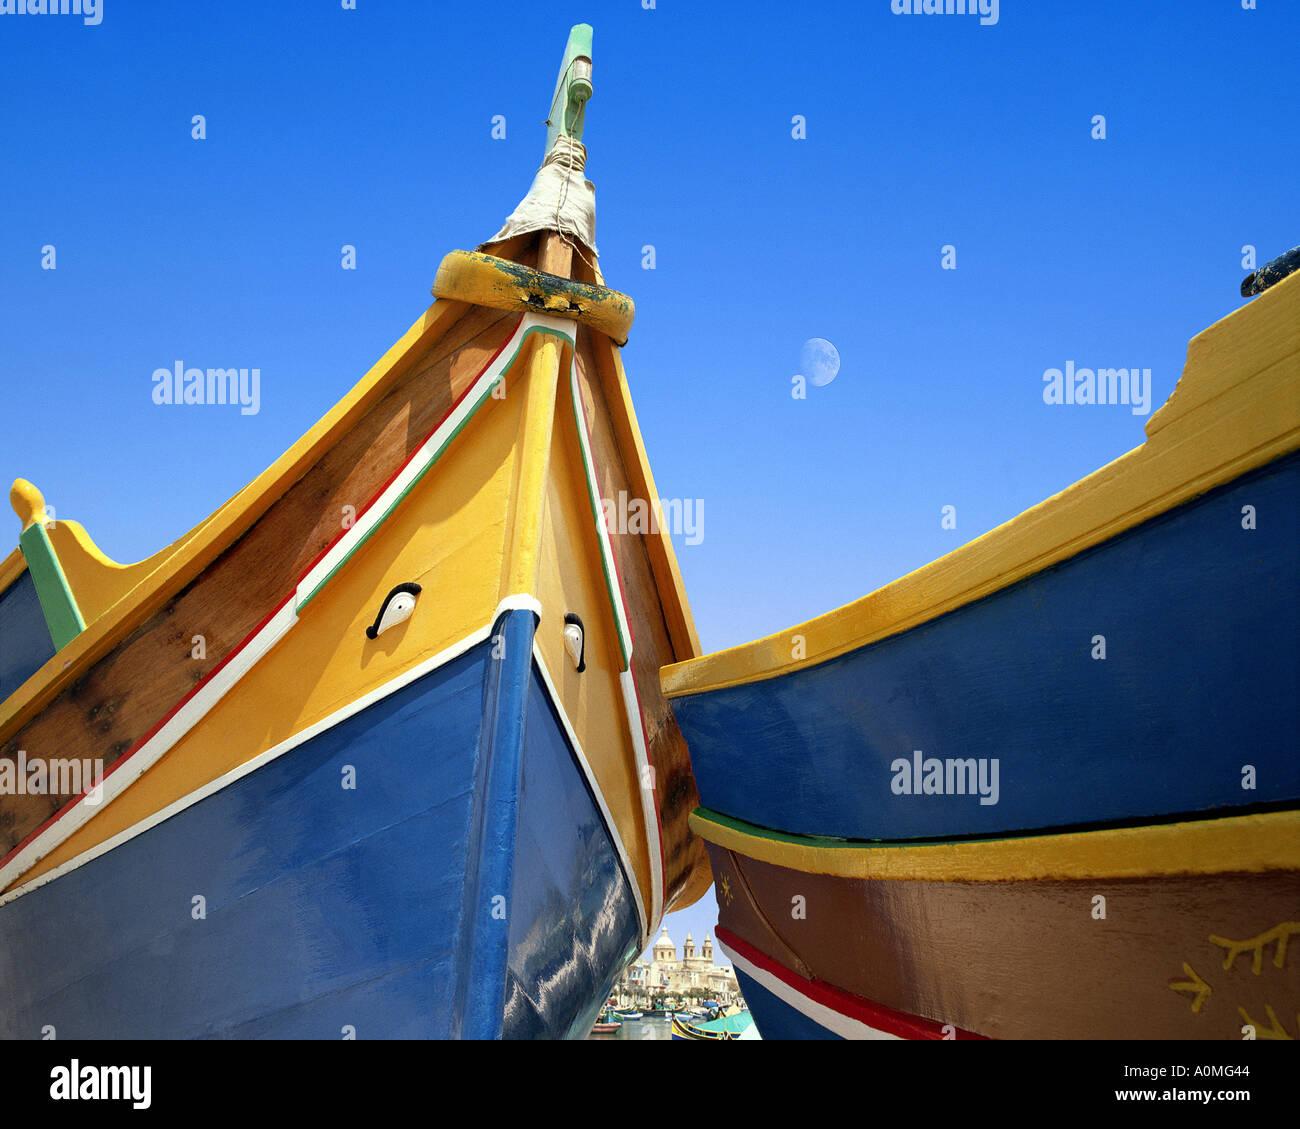 MT - Malta: Típica barcos no porto de Marsaxlokk Maltesa Imagens de Stock